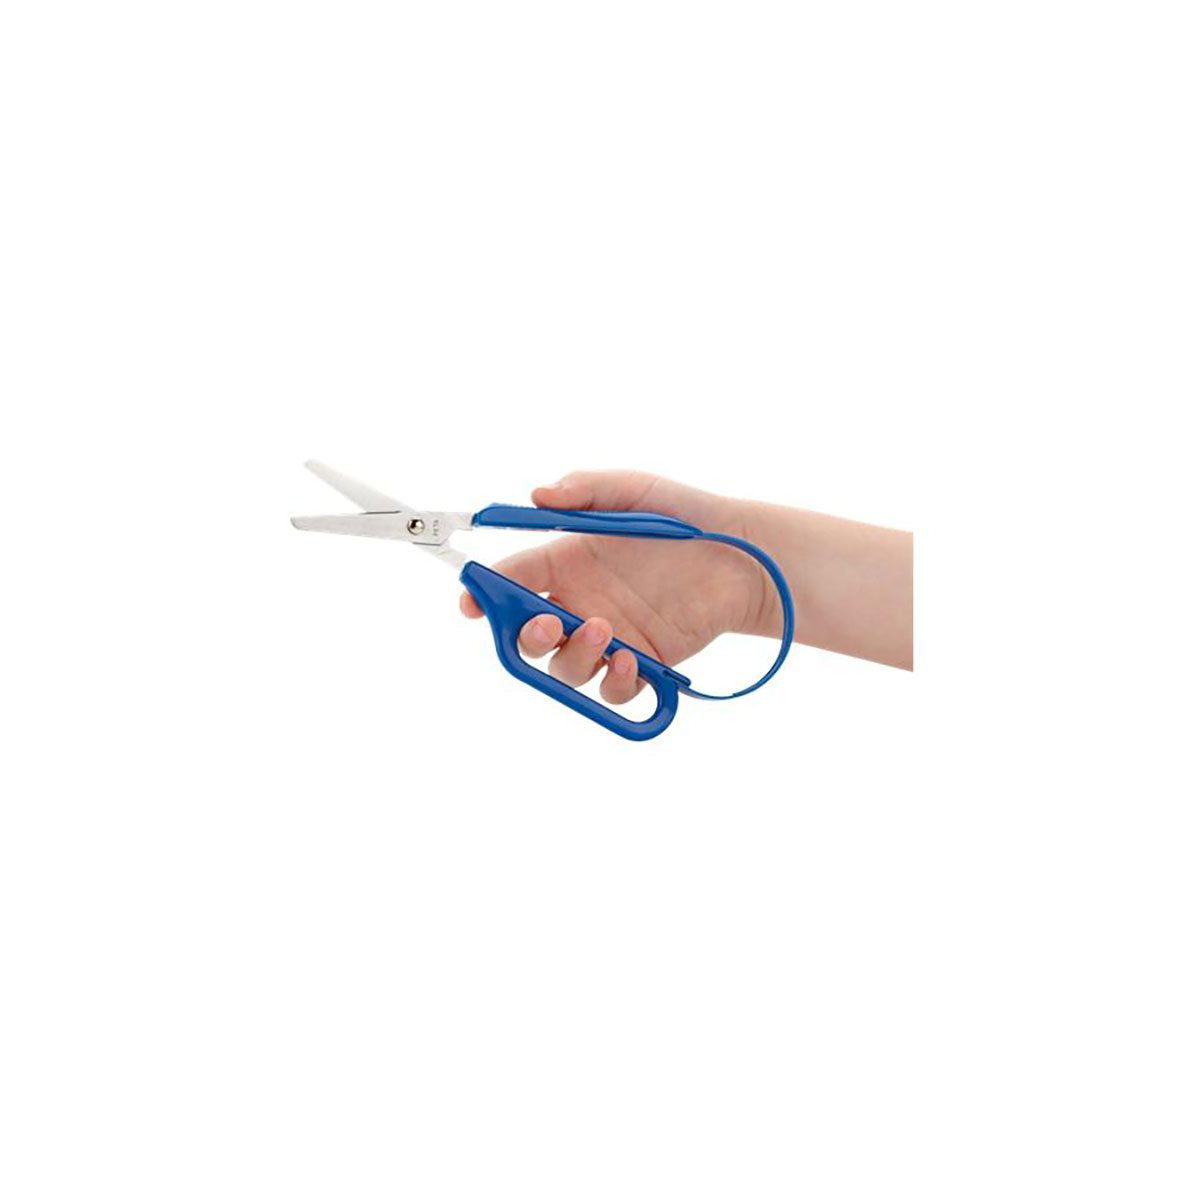 Easy scissors